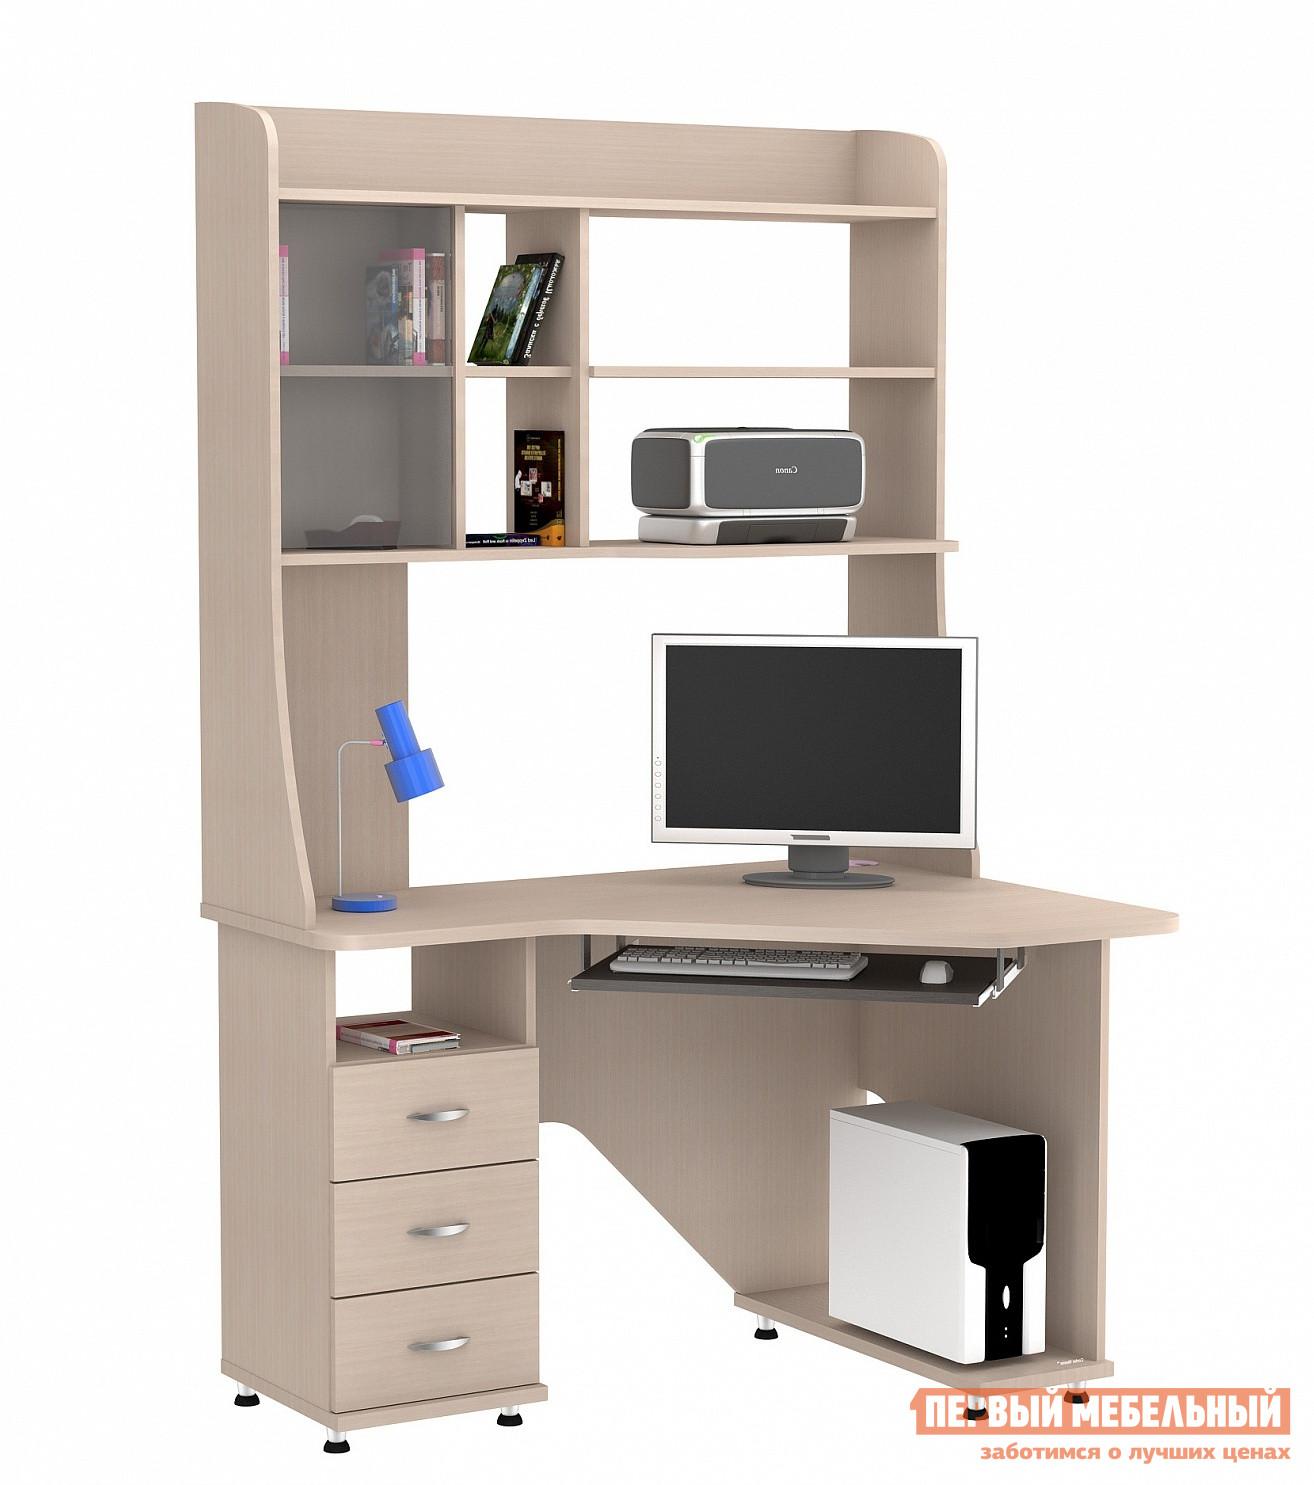 Угловой компьютерный стол ВасКо КС 20-30 м1 стол компьютерный васко кс 20 30 м1 венге